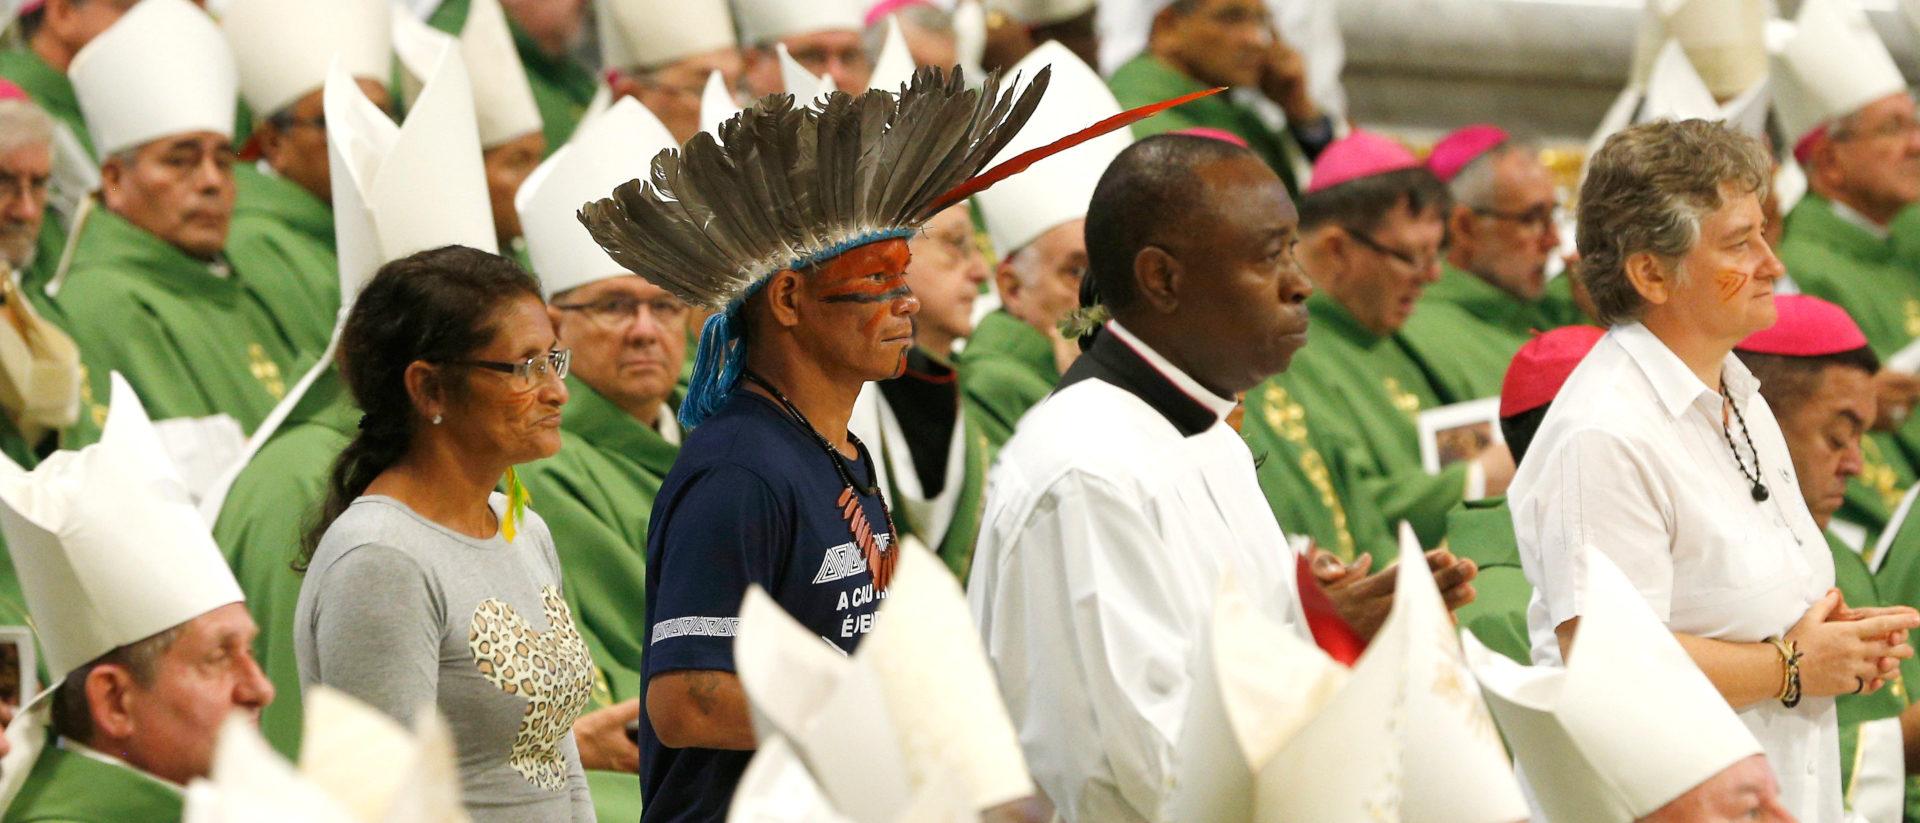 Gottesdienst an der Amazonas-Synode   ©KNA